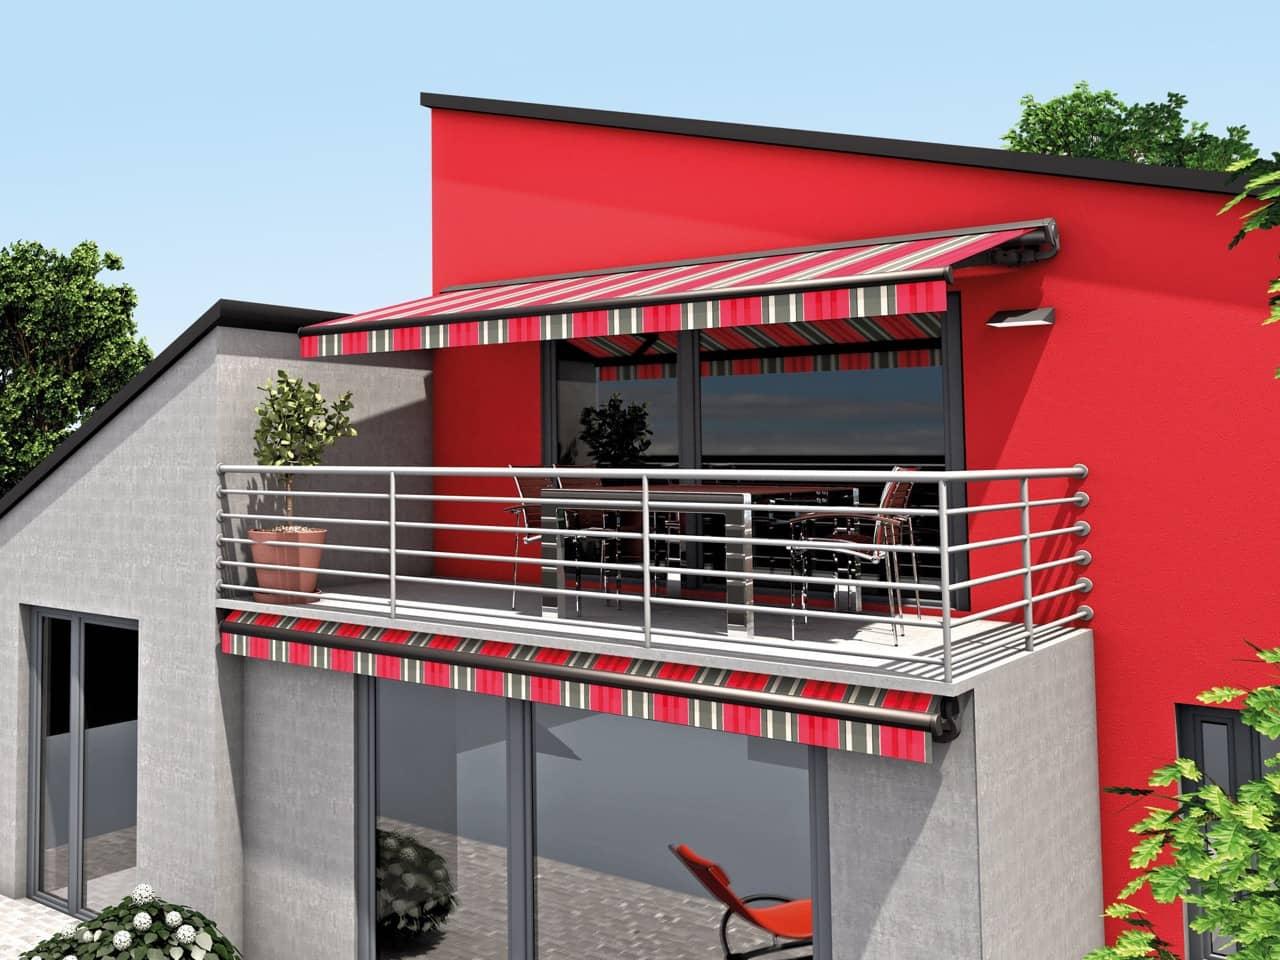 erhardt h lsenmarkisen fensterkonzepte schulze in k ln porz. Black Bedroom Furniture Sets. Home Design Ideas